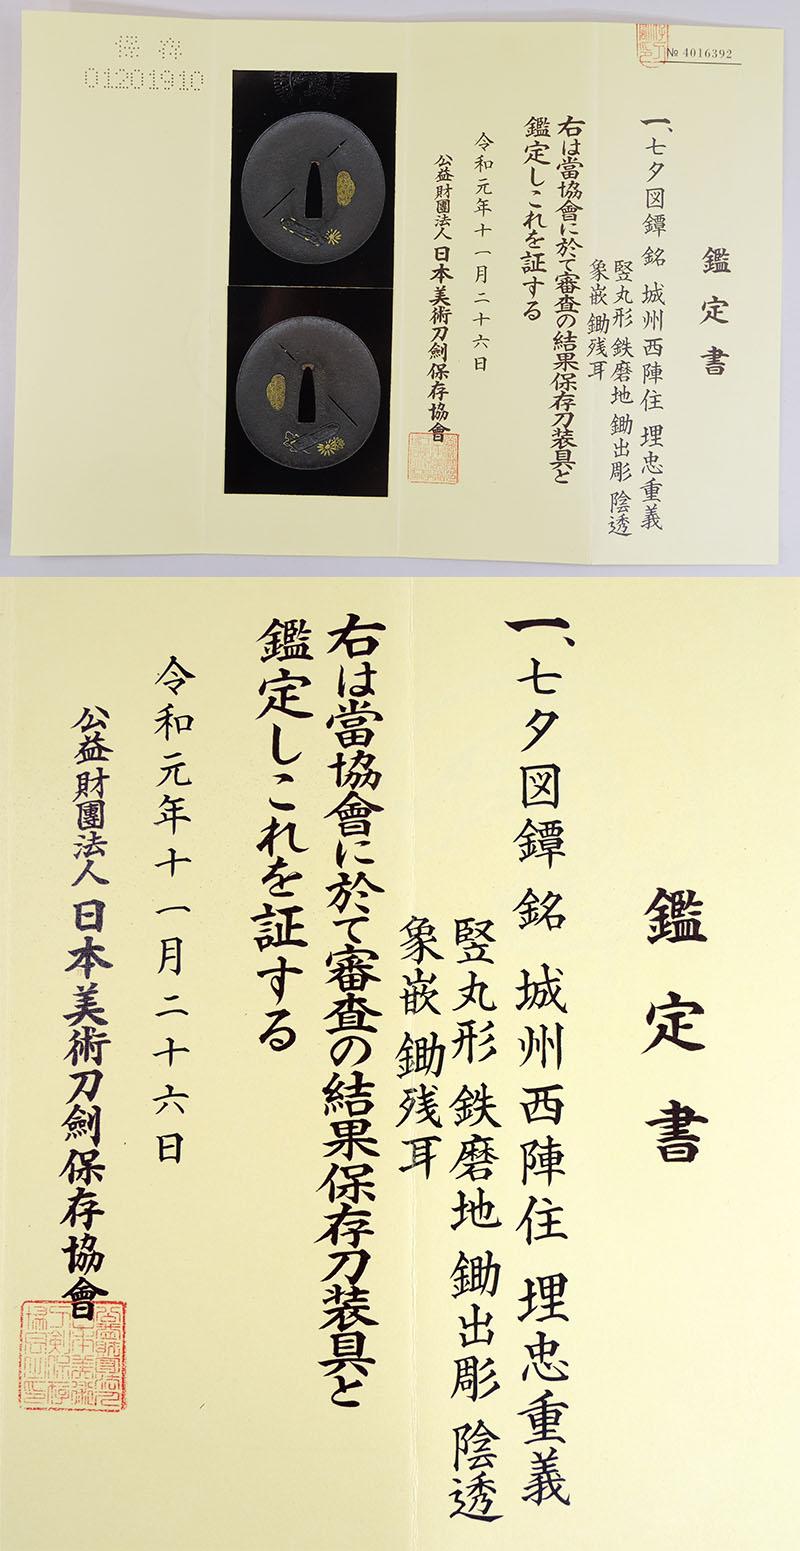 七夕図鍔 城州西陣住 埋忠重義 Picture of Certificate